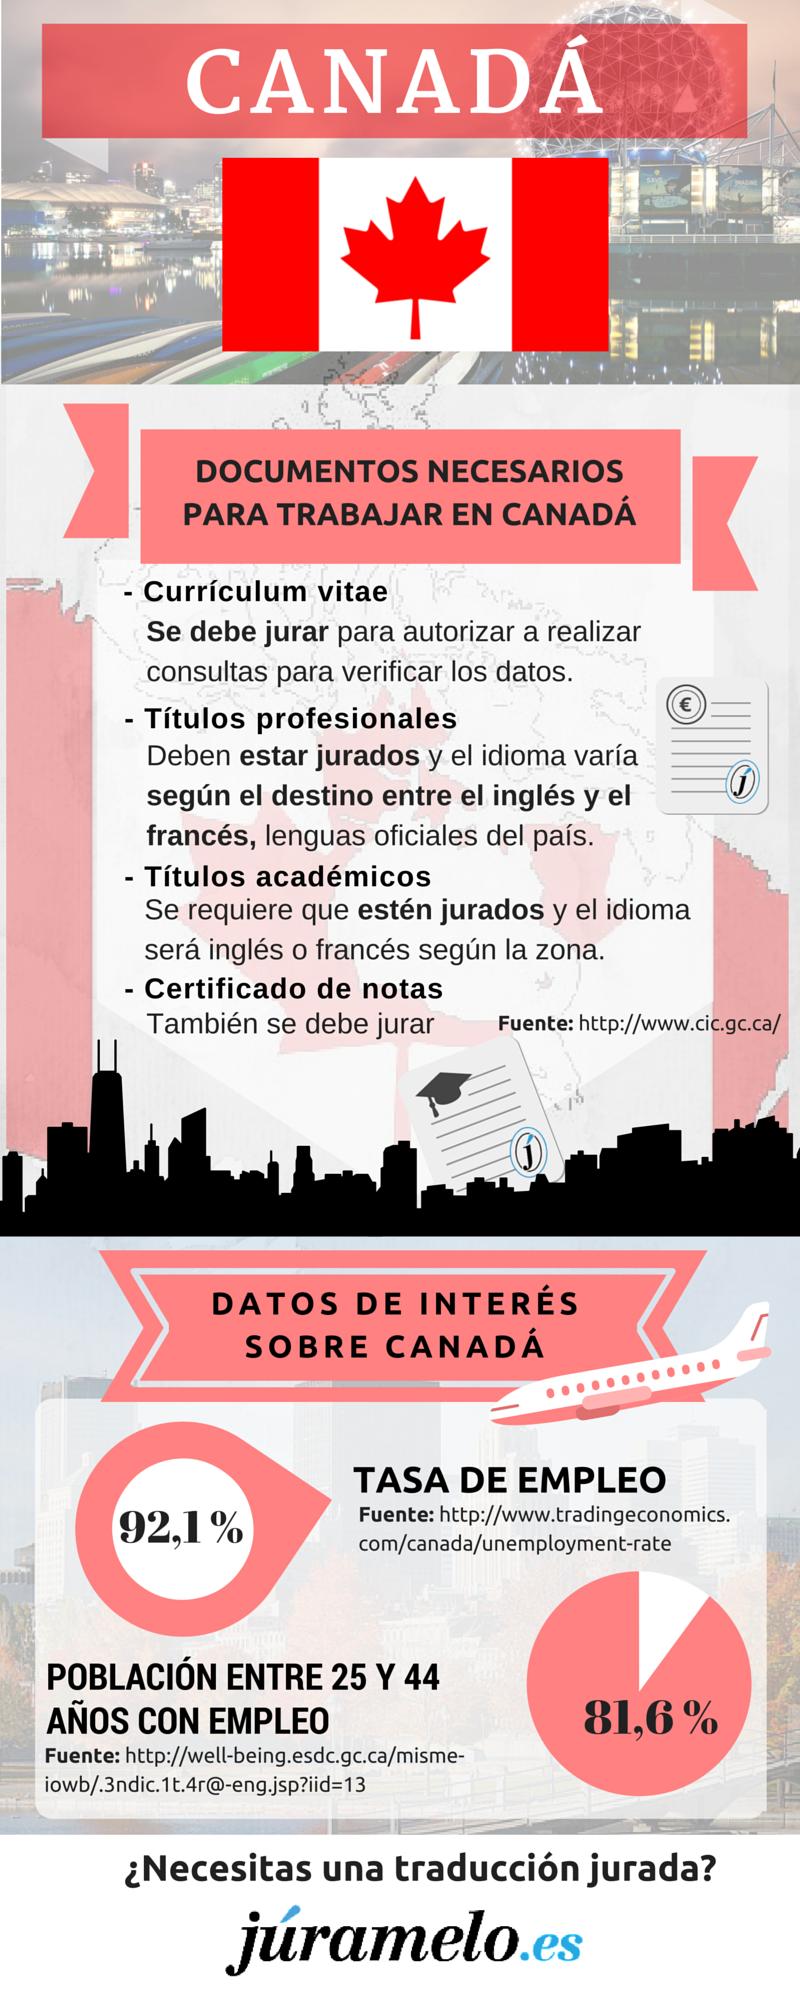 infografía de Júramelo sobre los documentos que necesitas en Canadá y algún otro dato de interés.